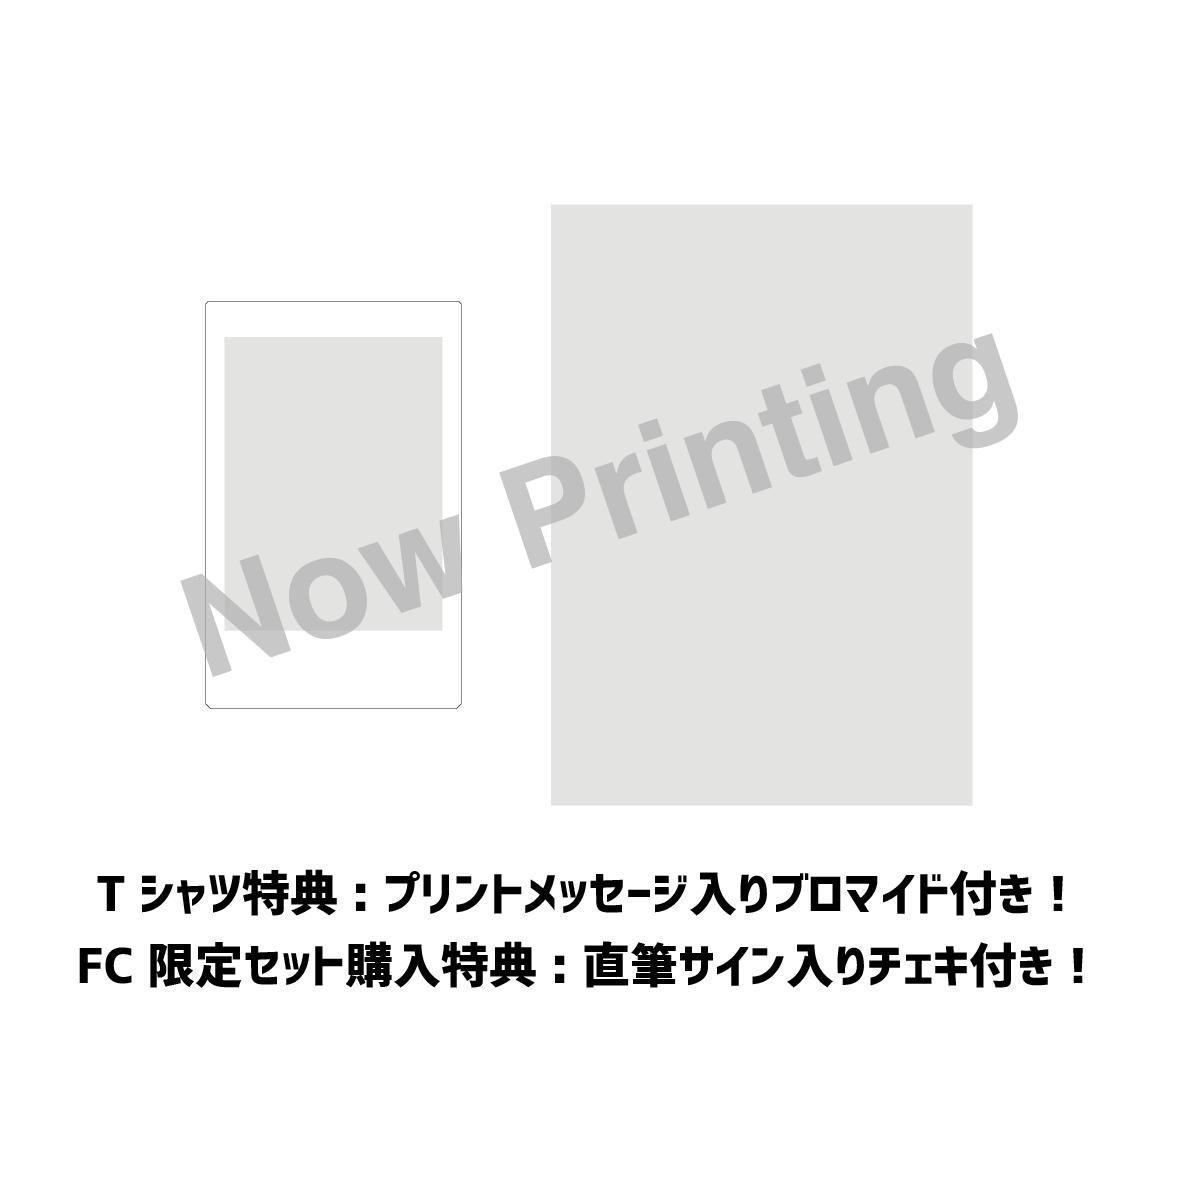 【FC限定直筆チェキ付】「佐藤信長1st Fanmeeting」おまとめセット③(Tシャツ・コーラルベージュ/ハンガーA)